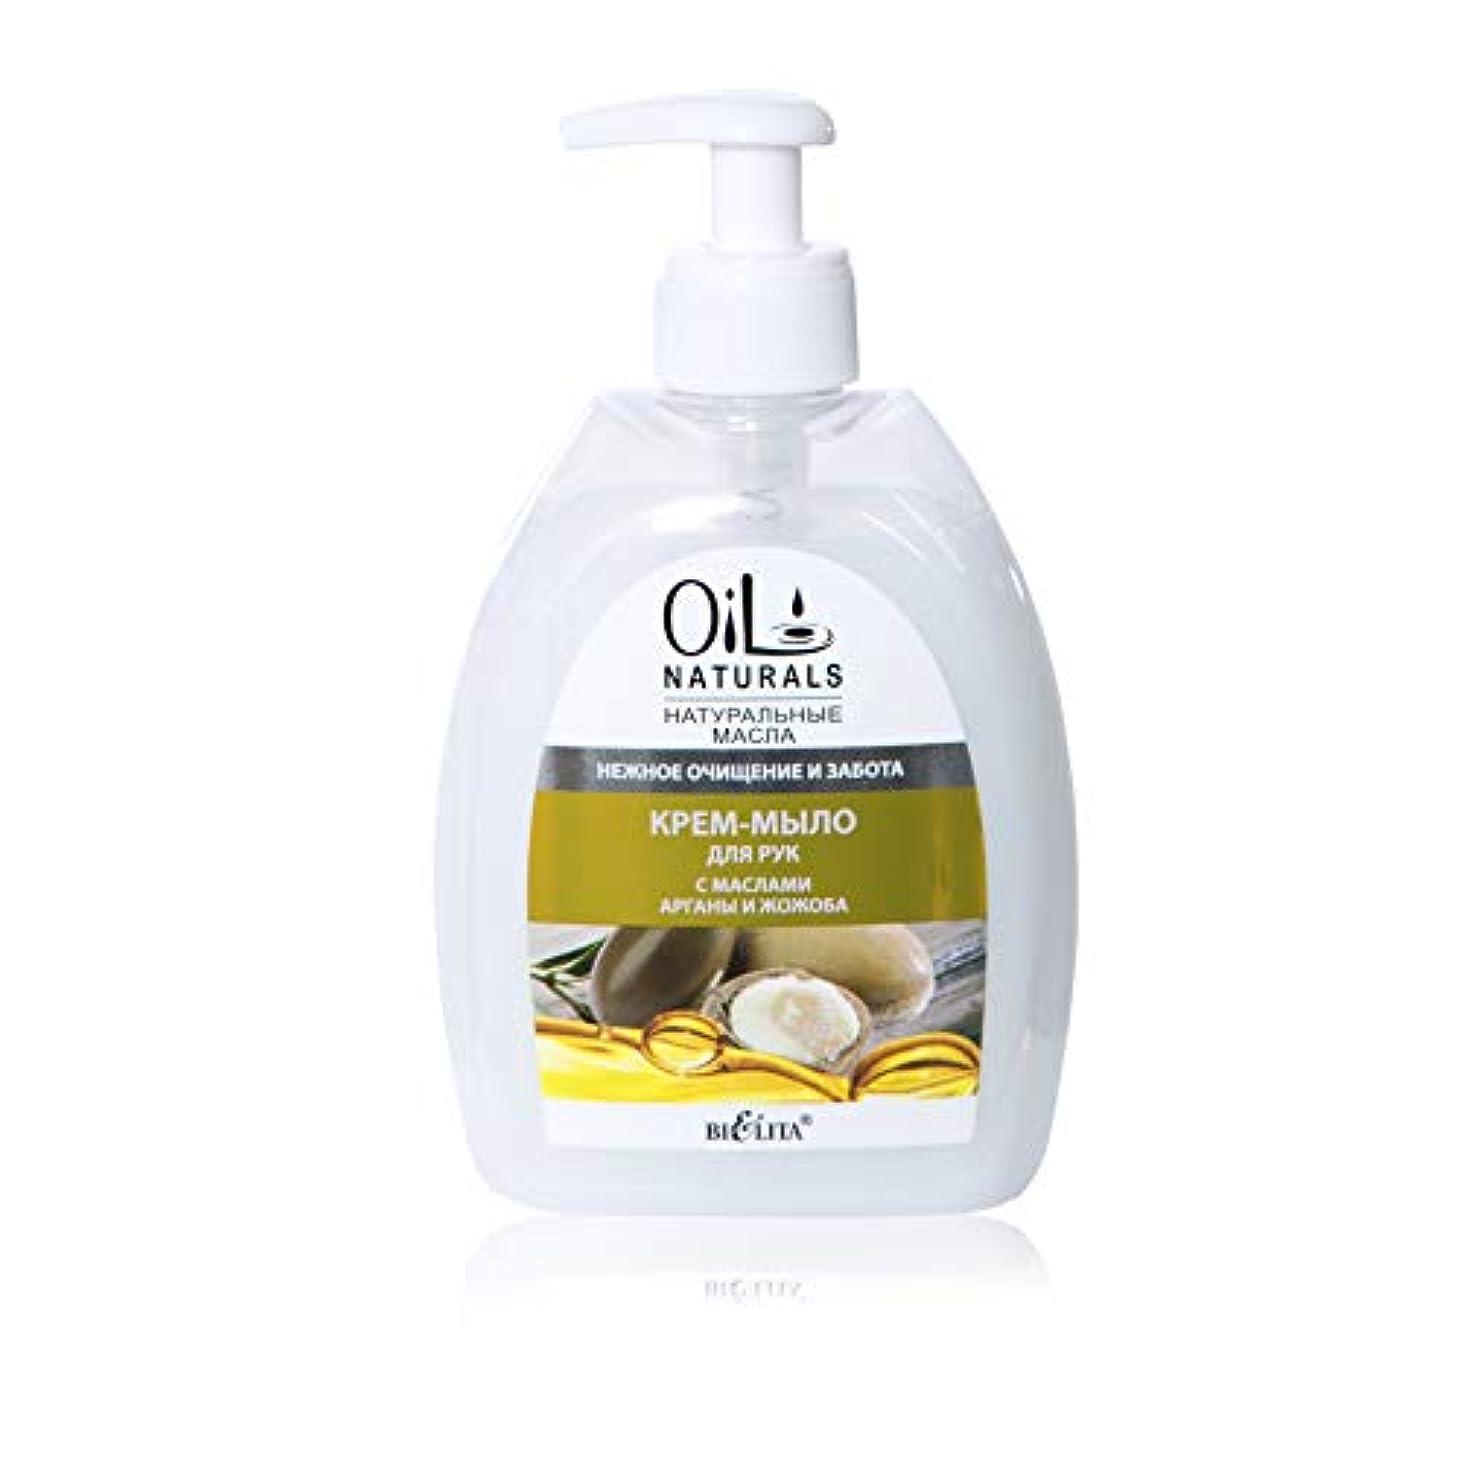 リベラルの中で購入Bielita & Vitex Oil Naturals Line | Gentle Cleansing & Care Hand Cream-Soap, 400 ml | Argan Oil, Silk Proteins...